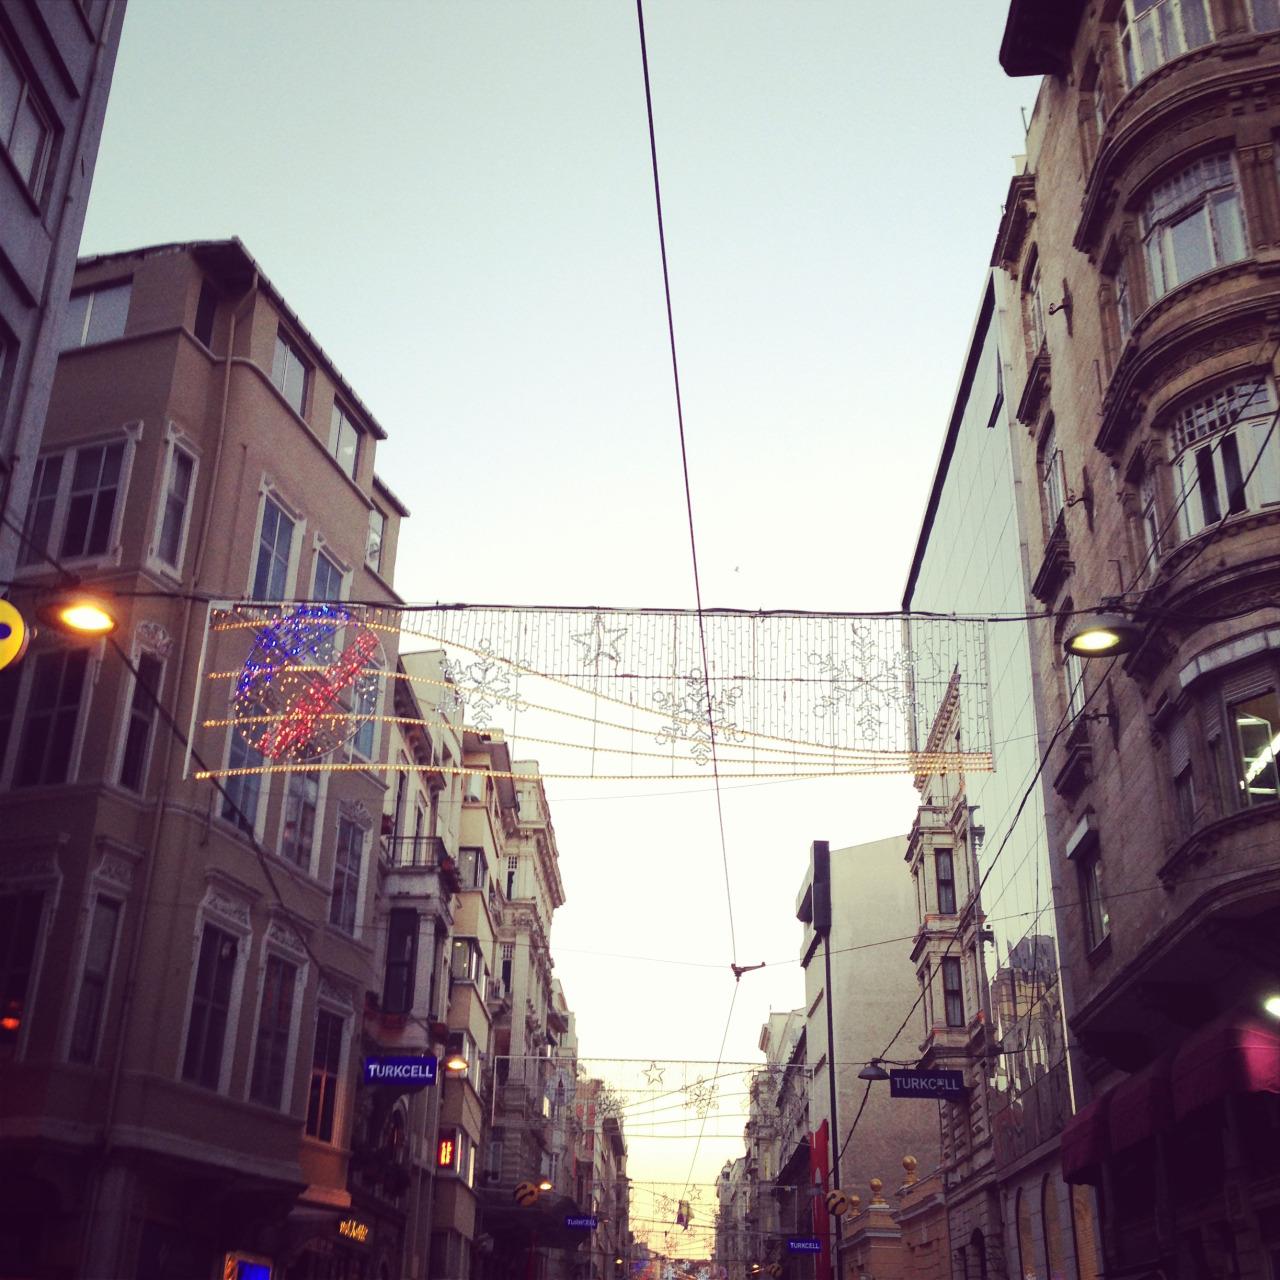 Istanbul on no hours of sleep.